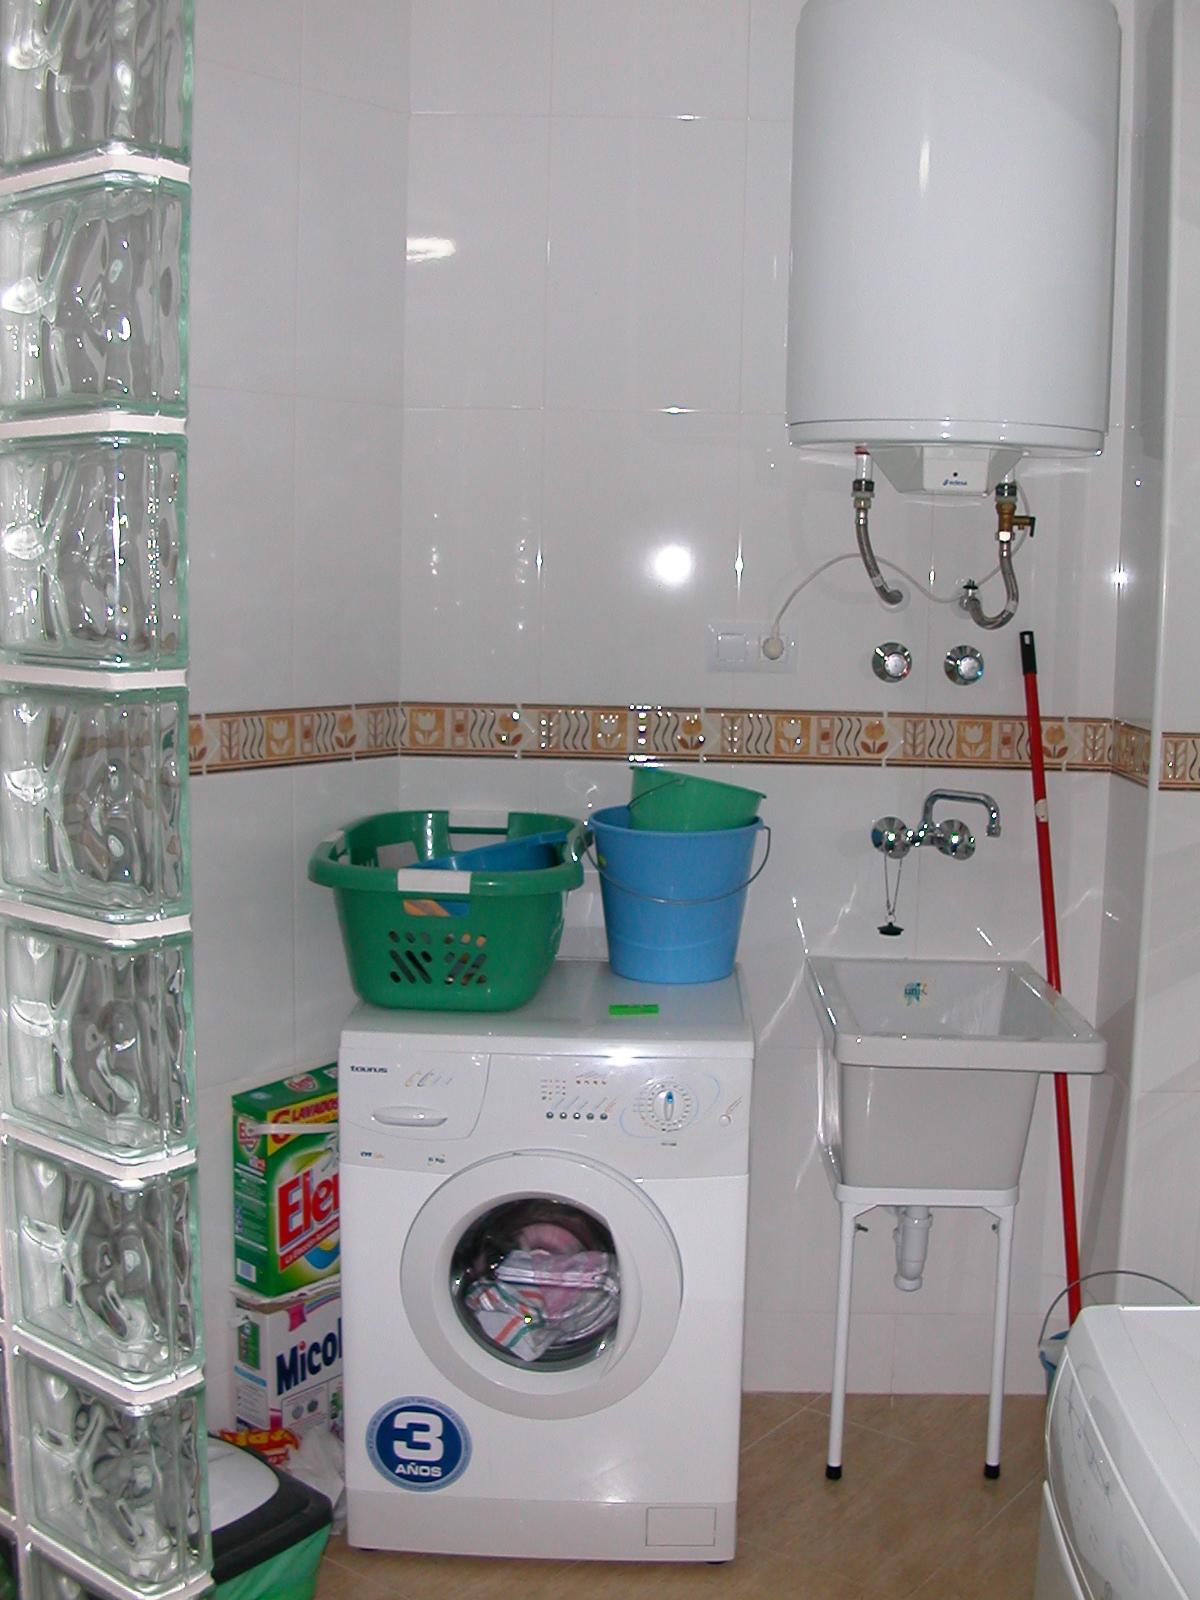 Armario Para Termo Electrico Simple Jpg With Armario Para Termo Electrico With Armario Para Termo Electrico With Armario Para Termo Electrico